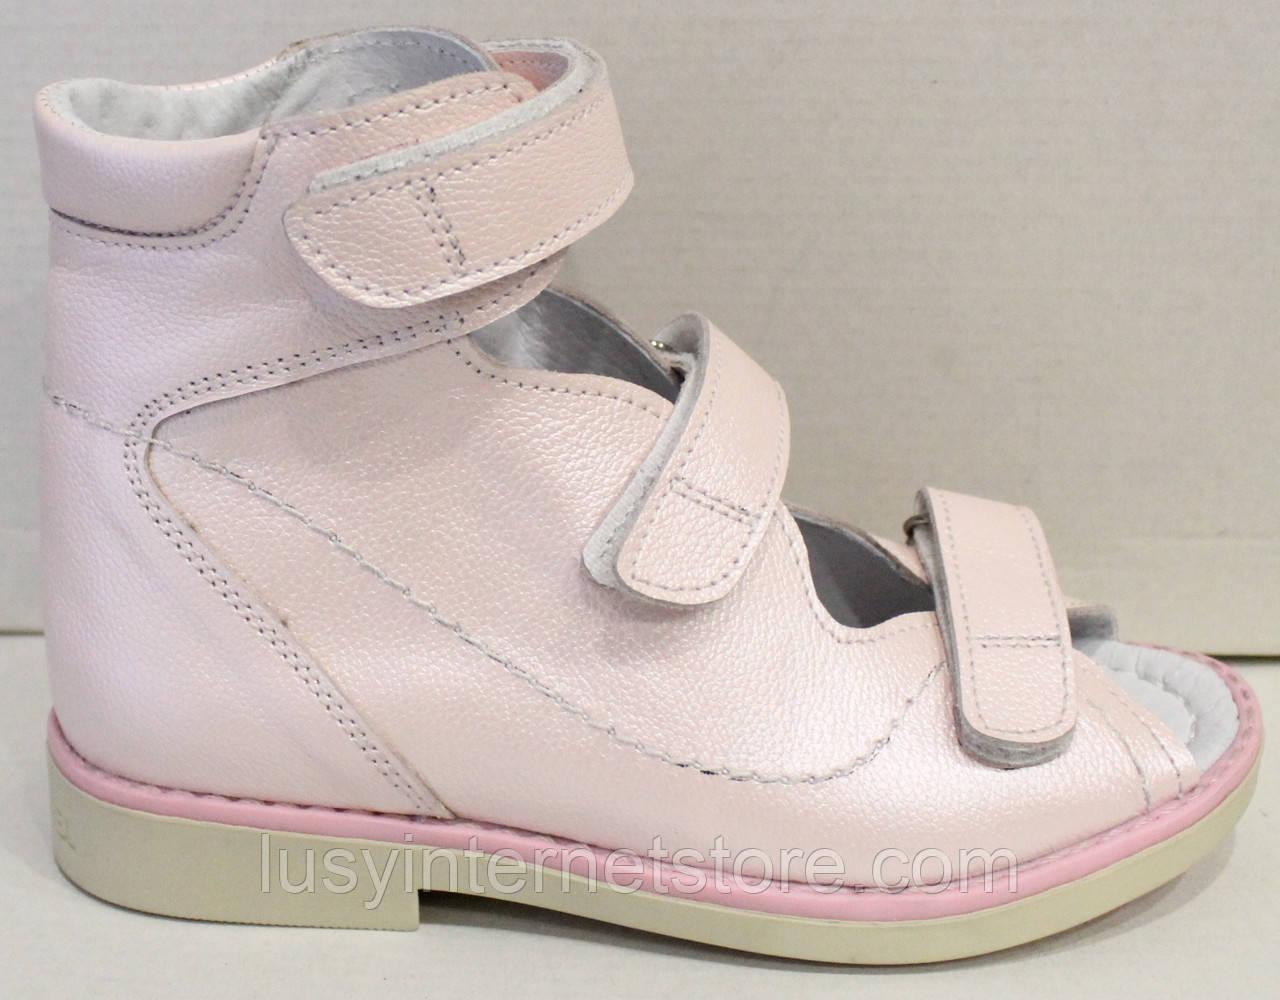 Туфли детские для девочки, кожаные, ортопедические на липучке от производителя модель СЛ52-11